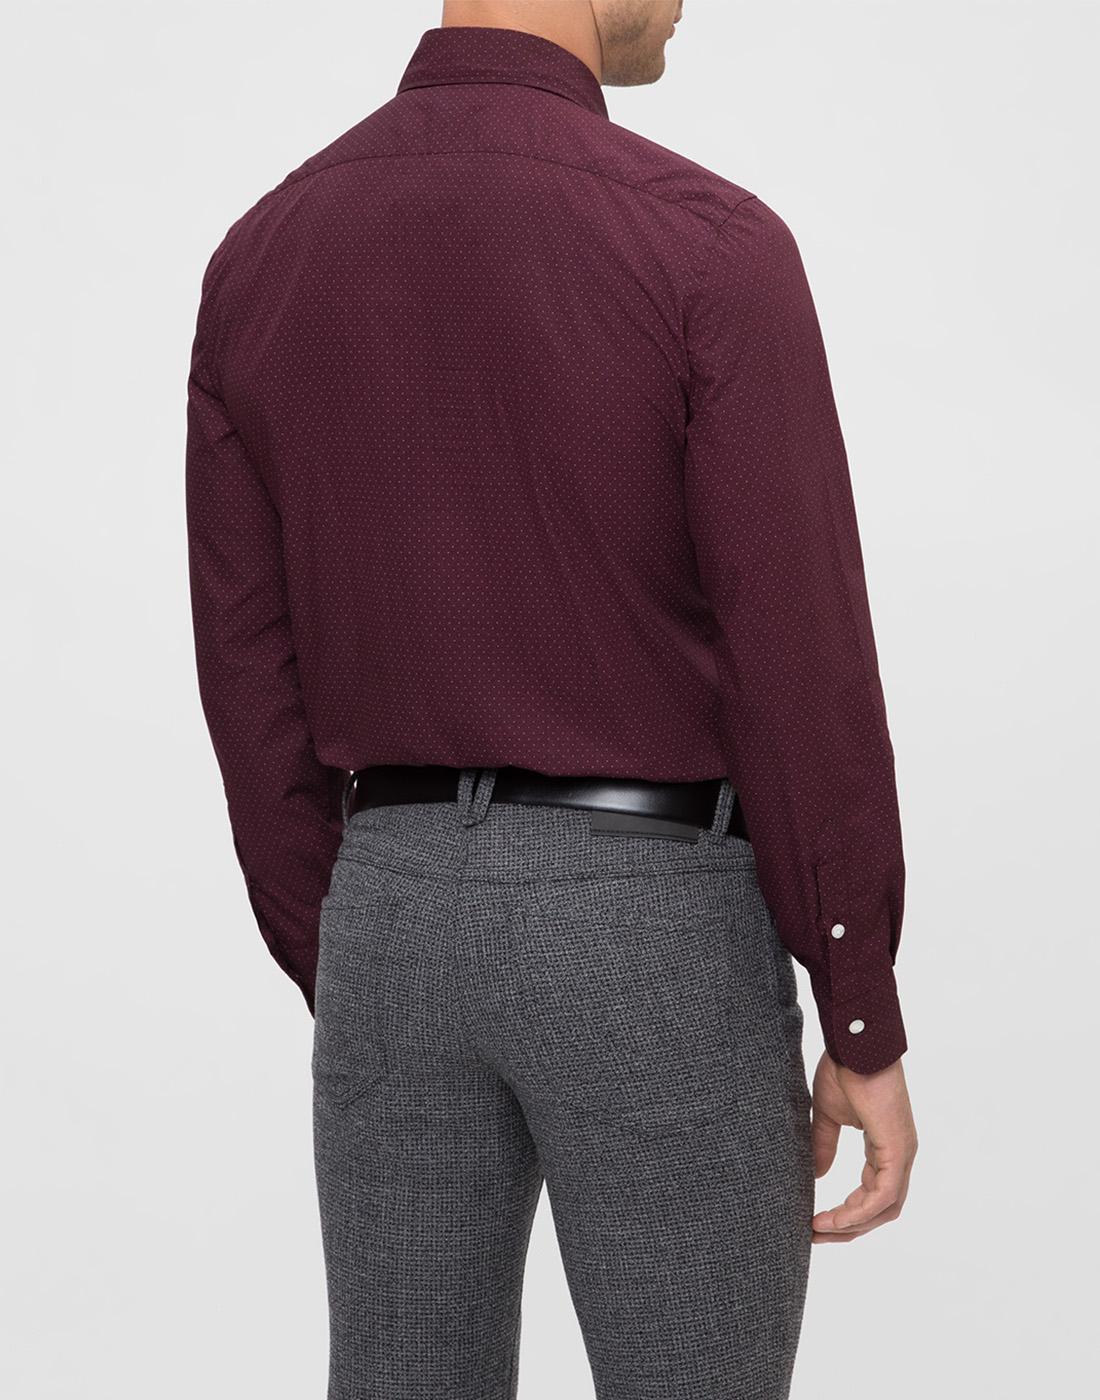 Мужская бордовая рубашка в горошек Barba S554902U-4